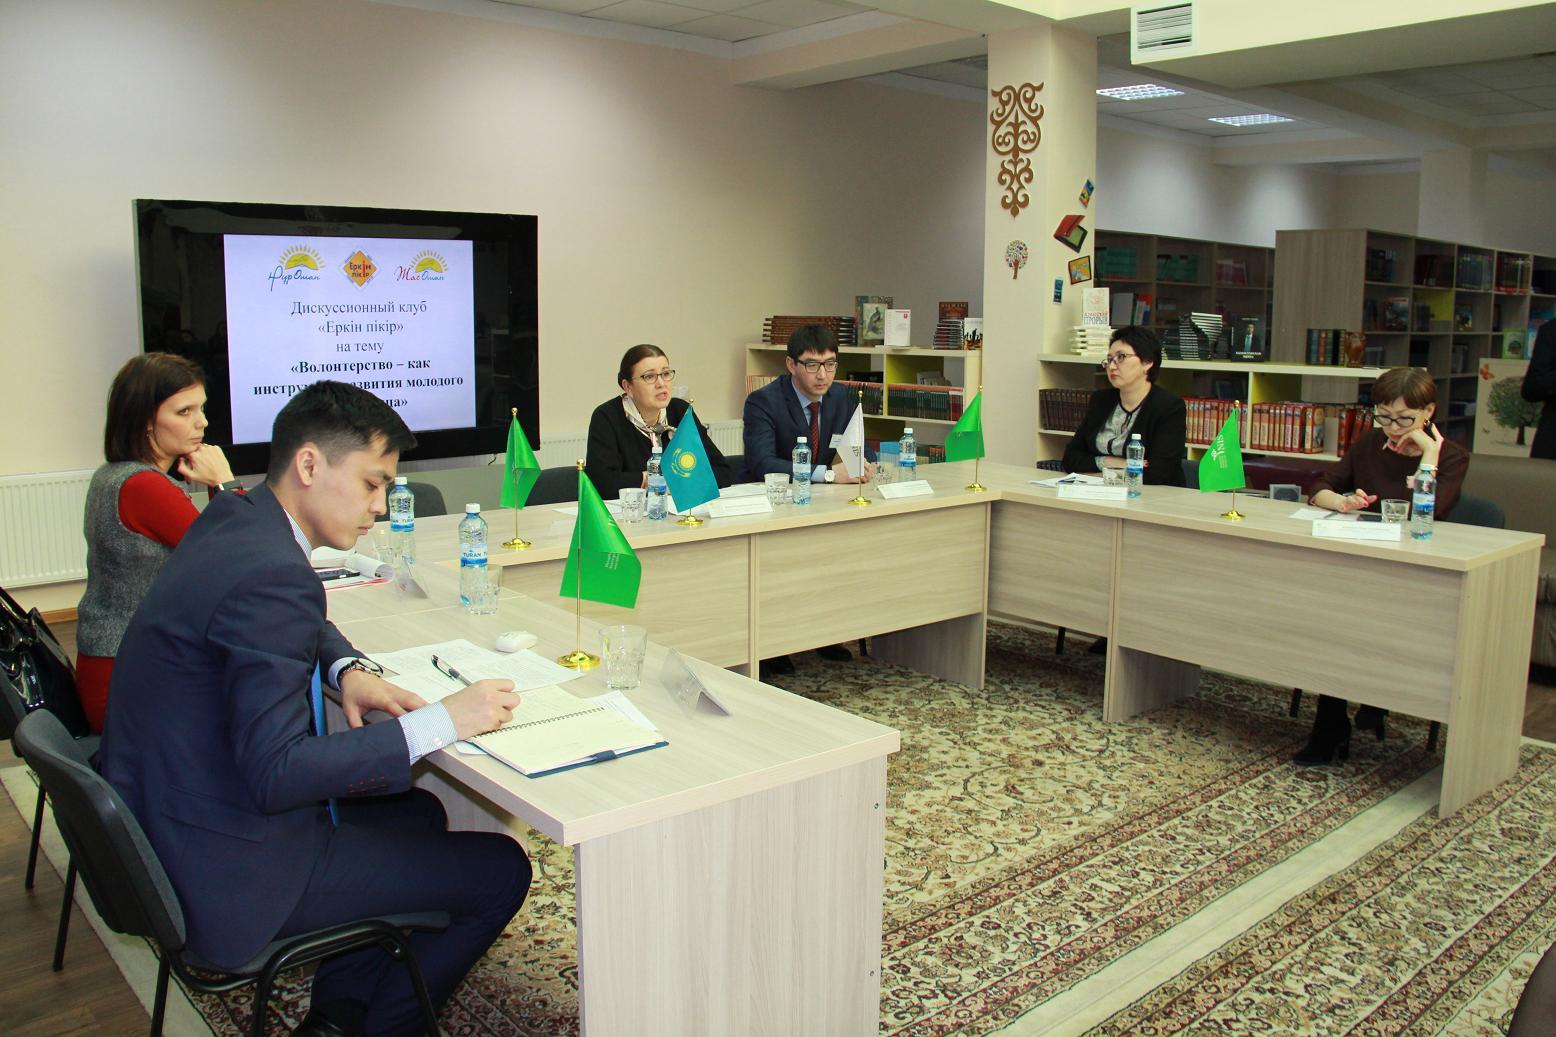 «Назарбаев Интеллектуальная школа» г. Костаная. Встреча с учениками и преподавателями школы.